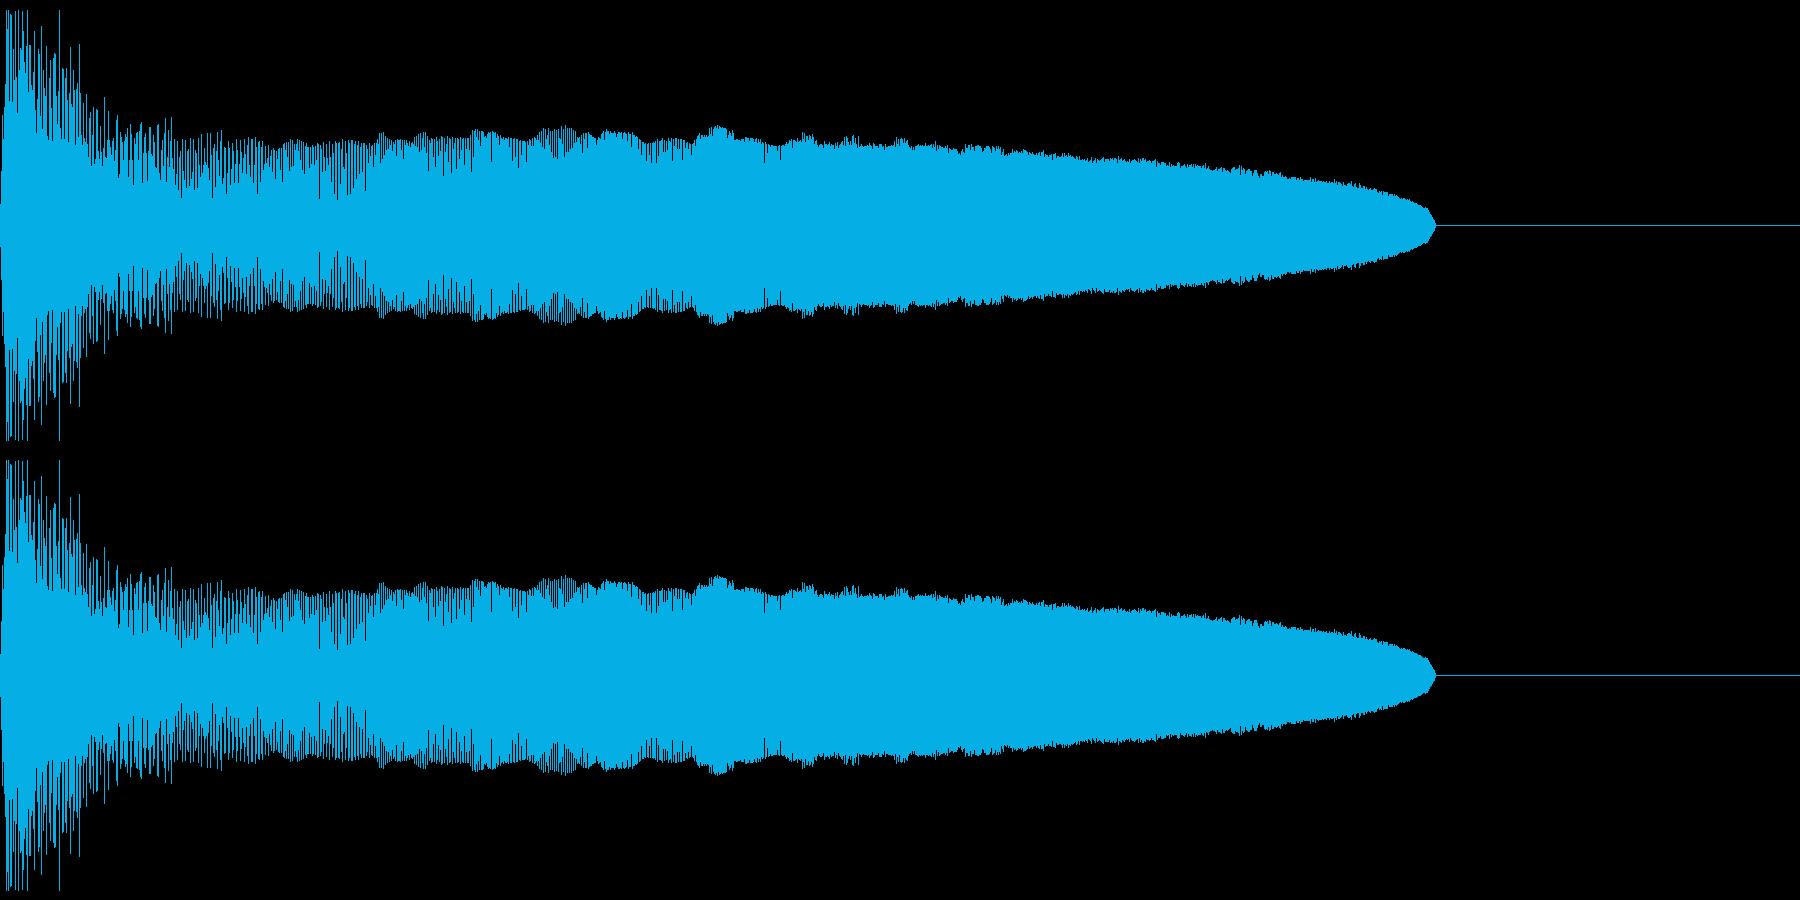 プルルルル~ 伸びる 巻かれる 収縮の再生済みの波形